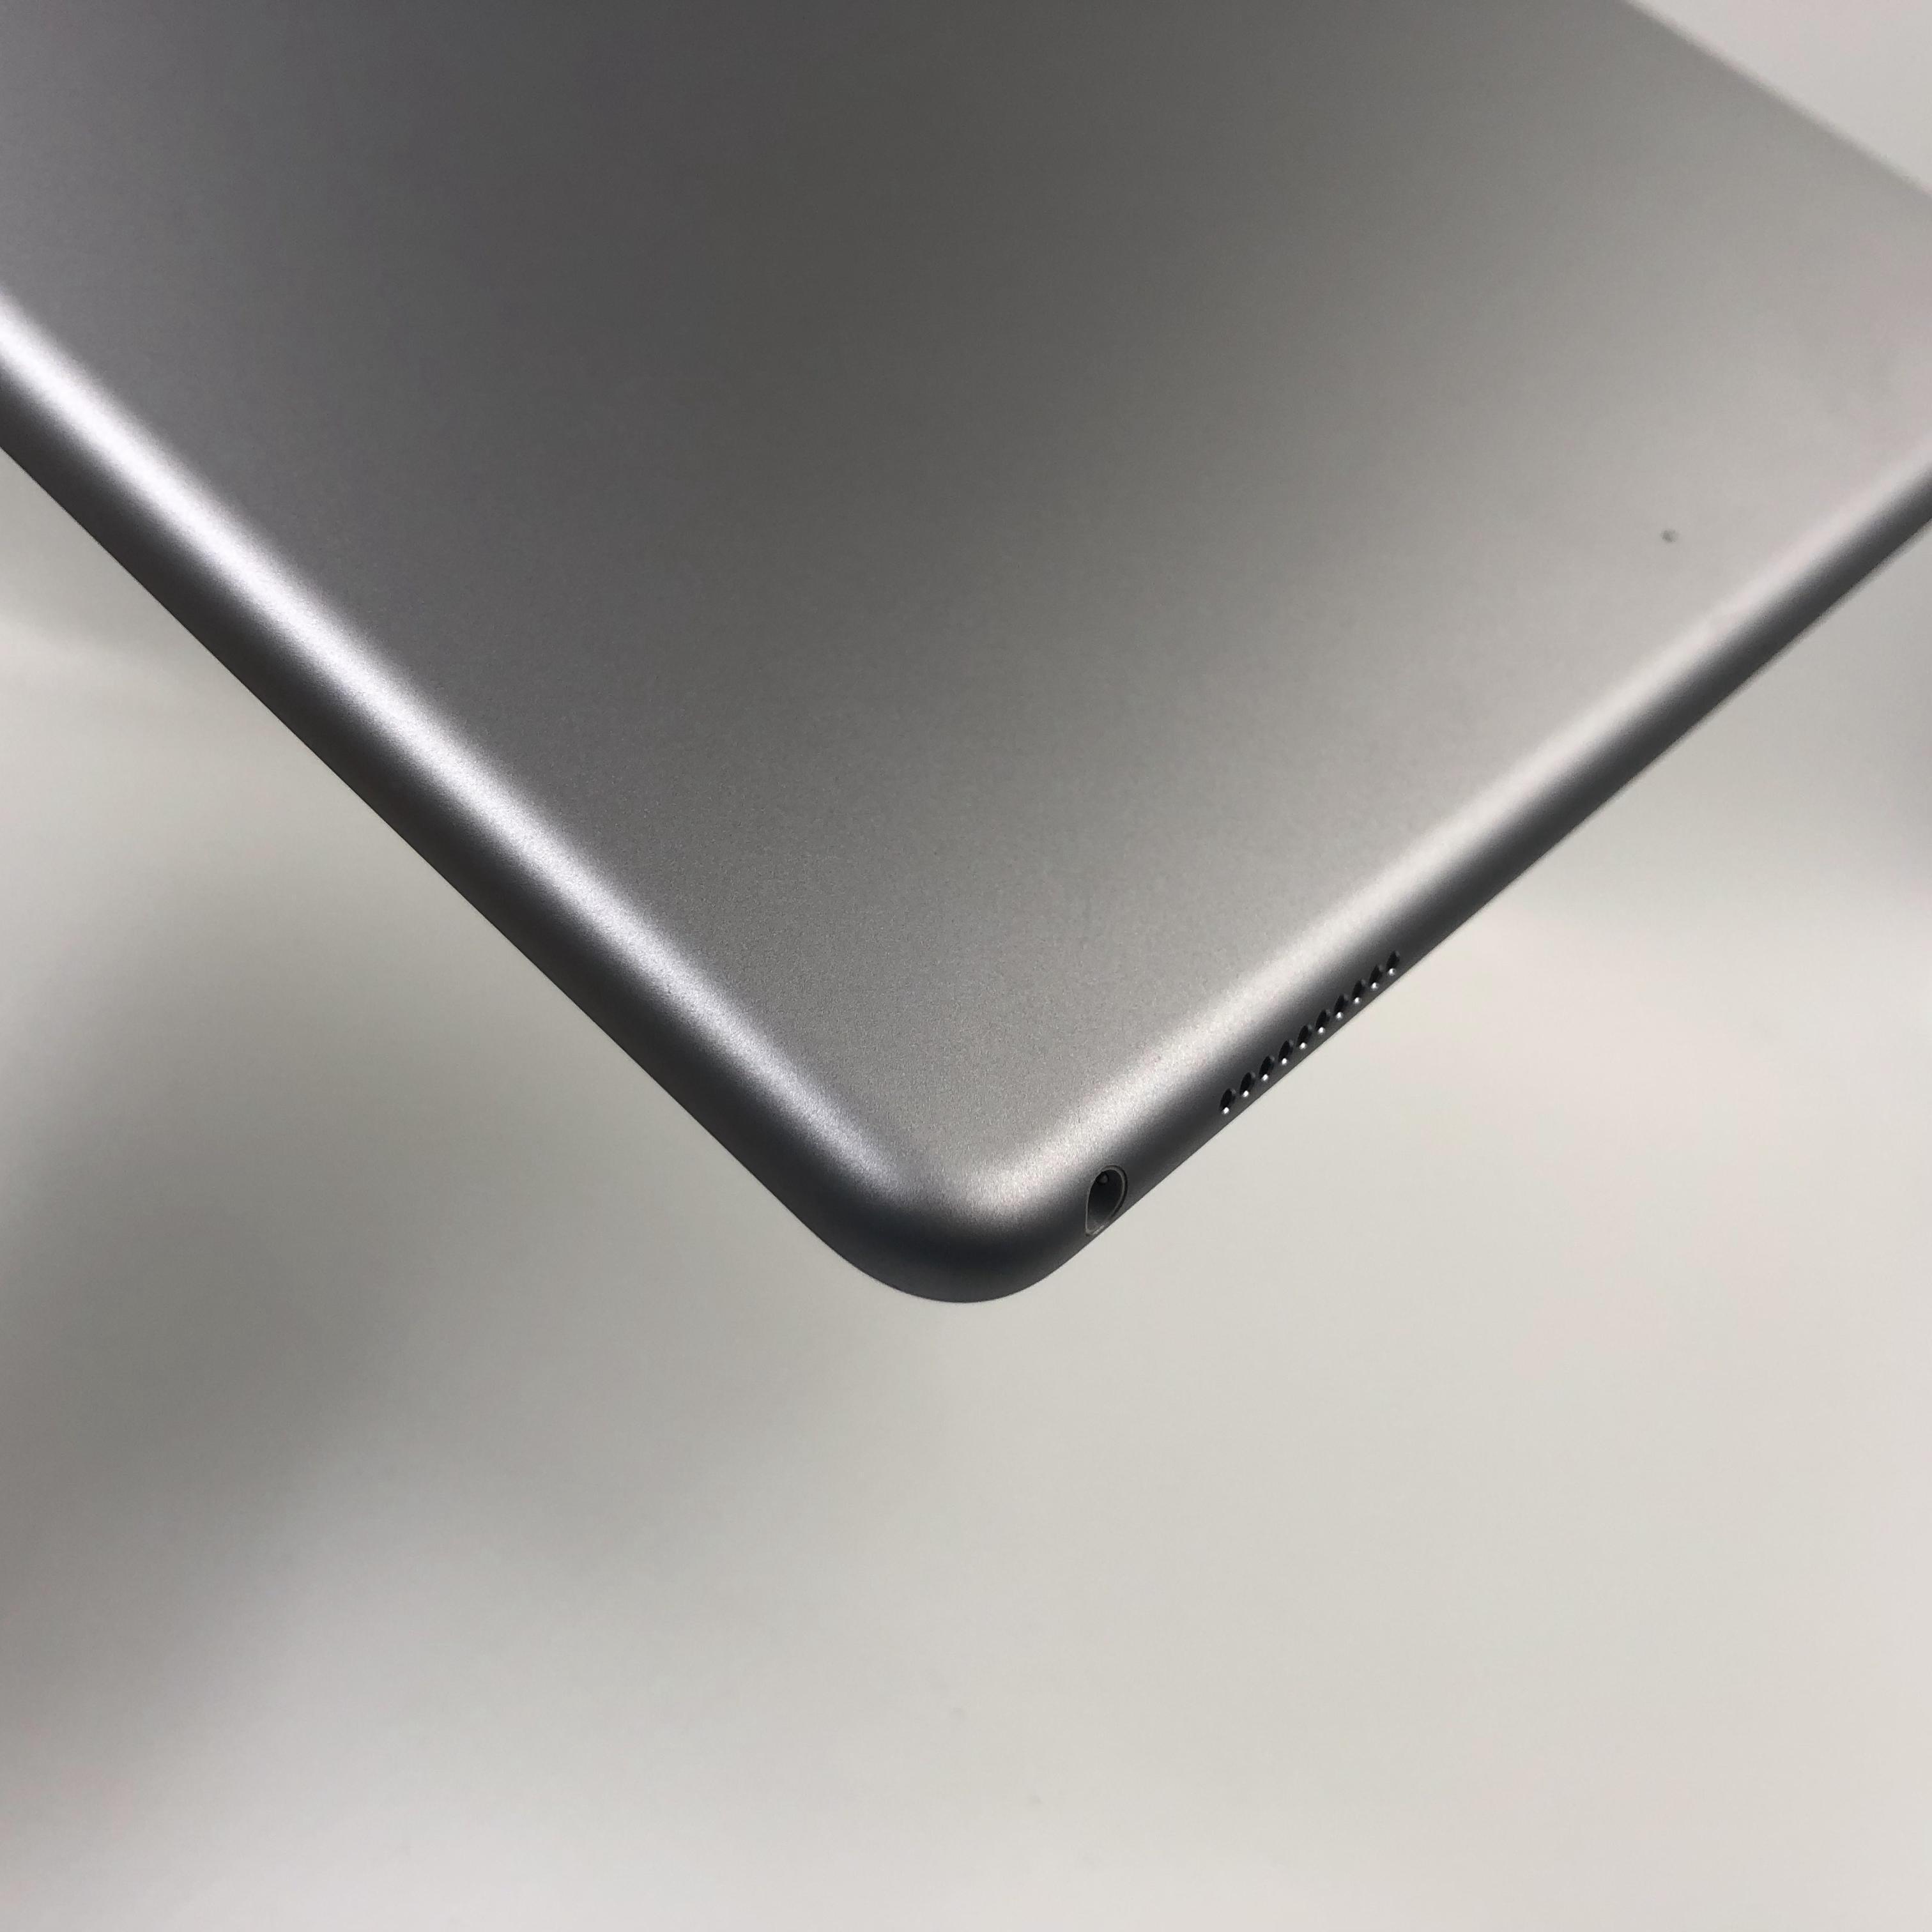 苹果【iPad Pro12.9英寸 17款】WIFI版 深空灰 64G 国行 95新 真机实拍